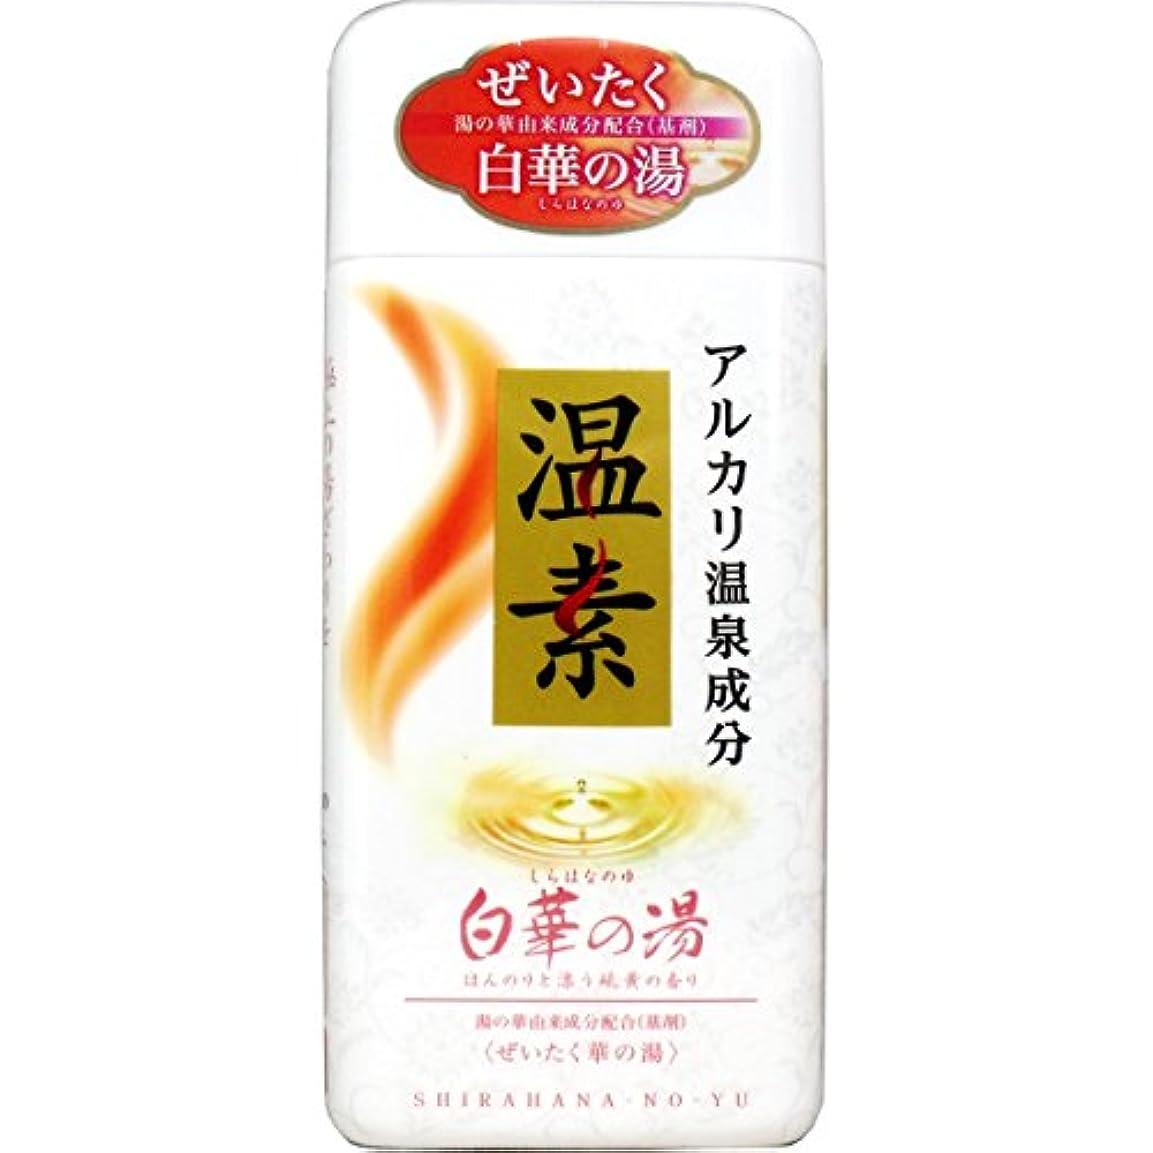 種類確認してください荒野お風呂用品 ぜいたく華の湯 本物志向 アルカリ温泉成分 温素 入浴剤 白華の湯 硫黄の香り 600g入